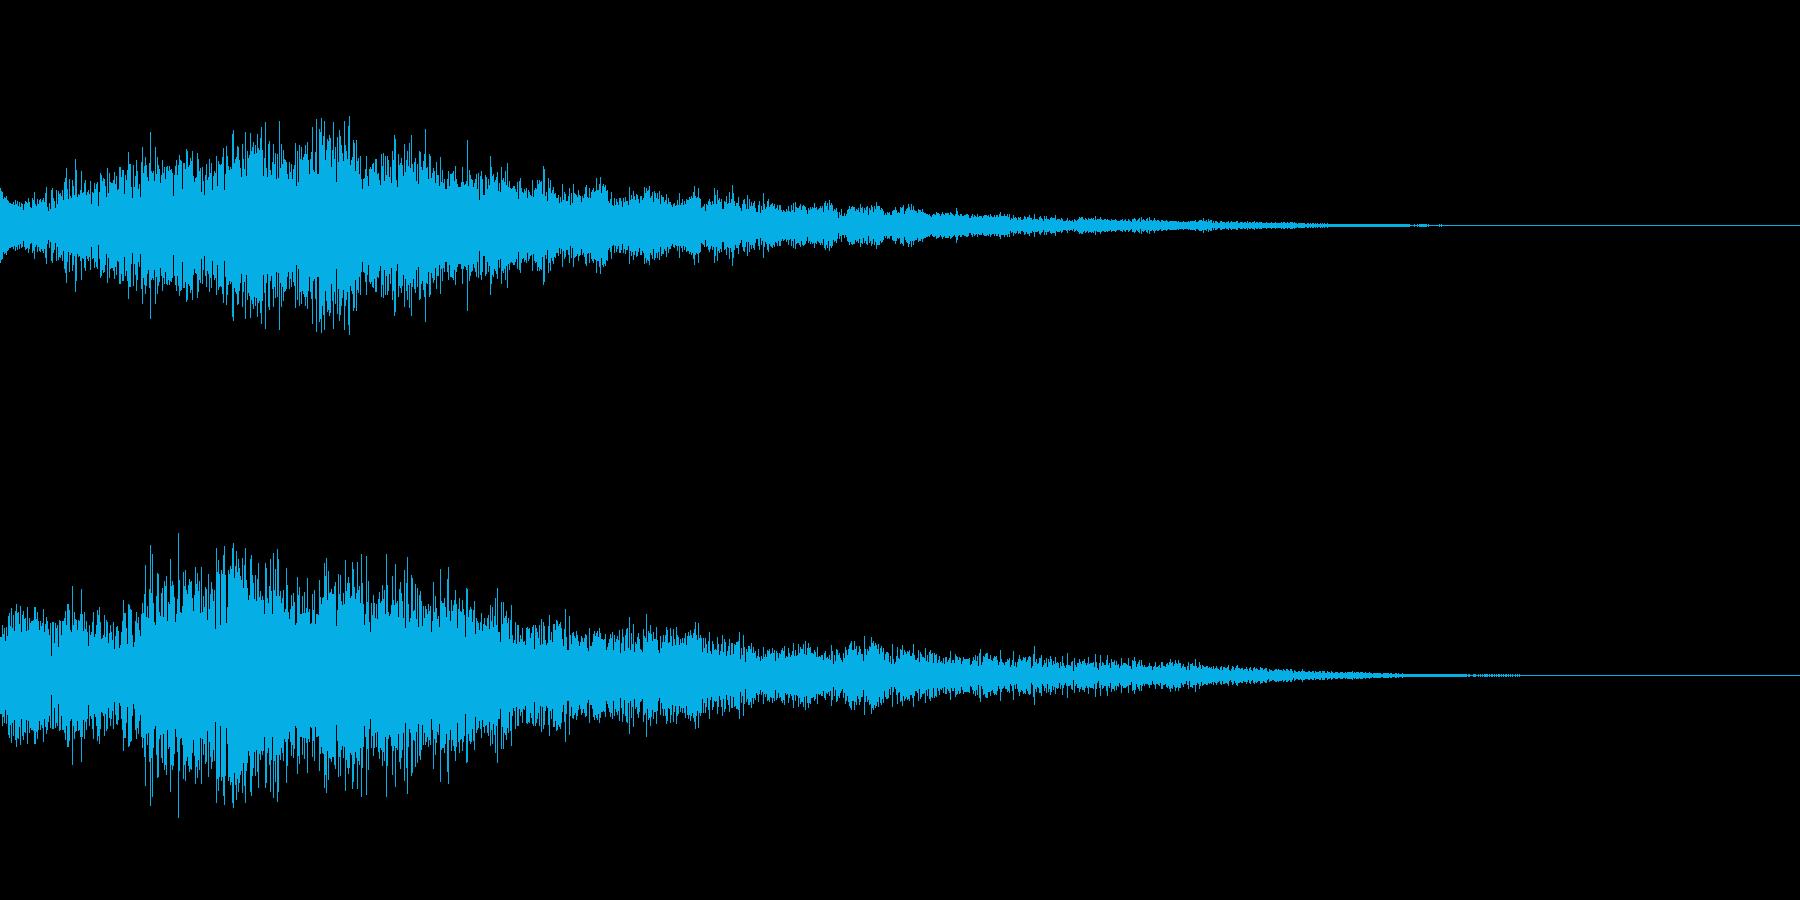 [チャララン]リザルト(落ち着いた感じ)の再生済みの波形